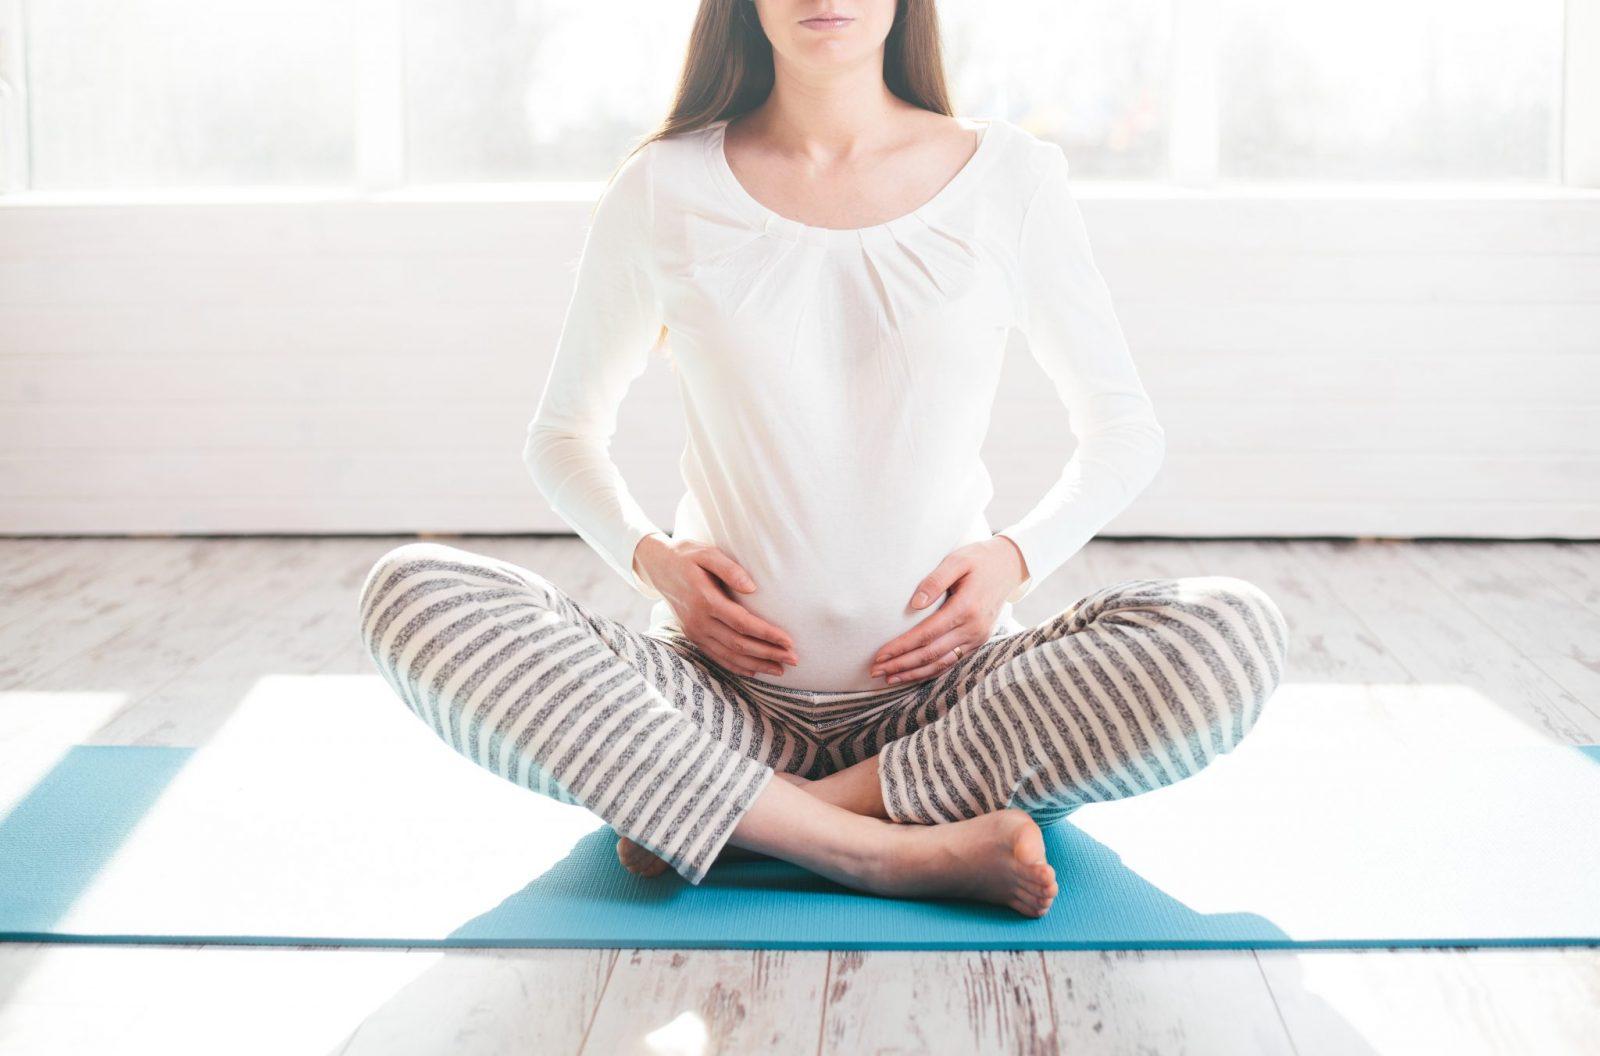 Femme enceinte centrée sur son bien-être